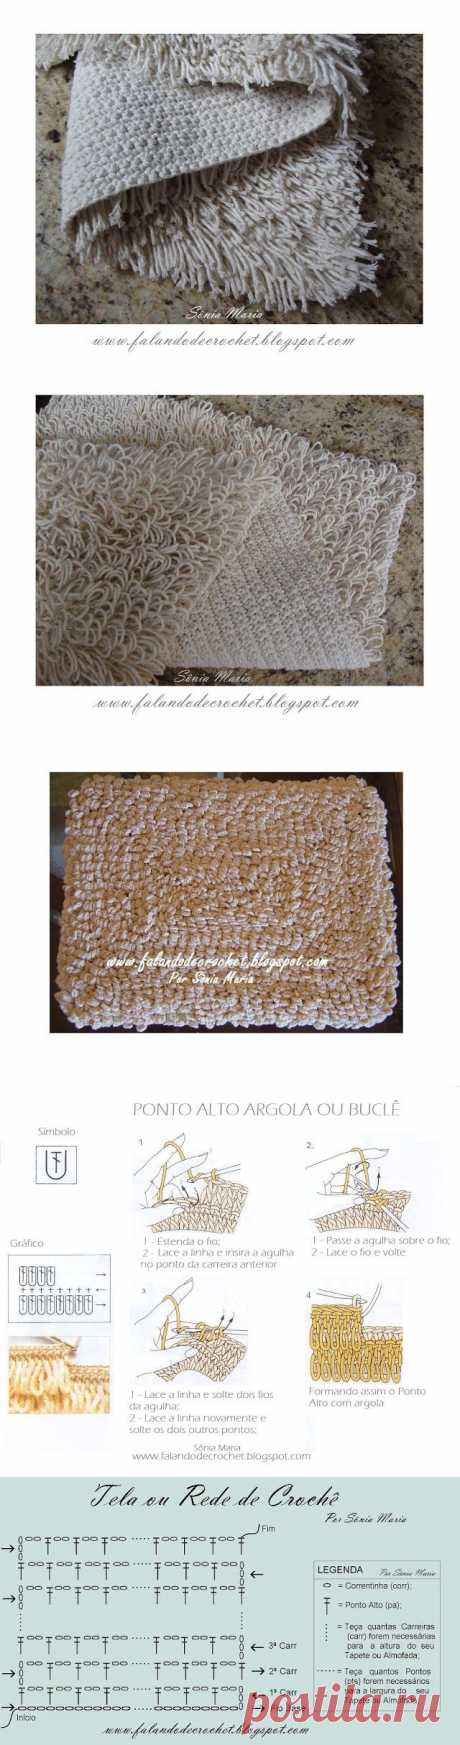 Оригинальные коврики крючком от Sônia Maria, Бразилия. Мастер-классы.